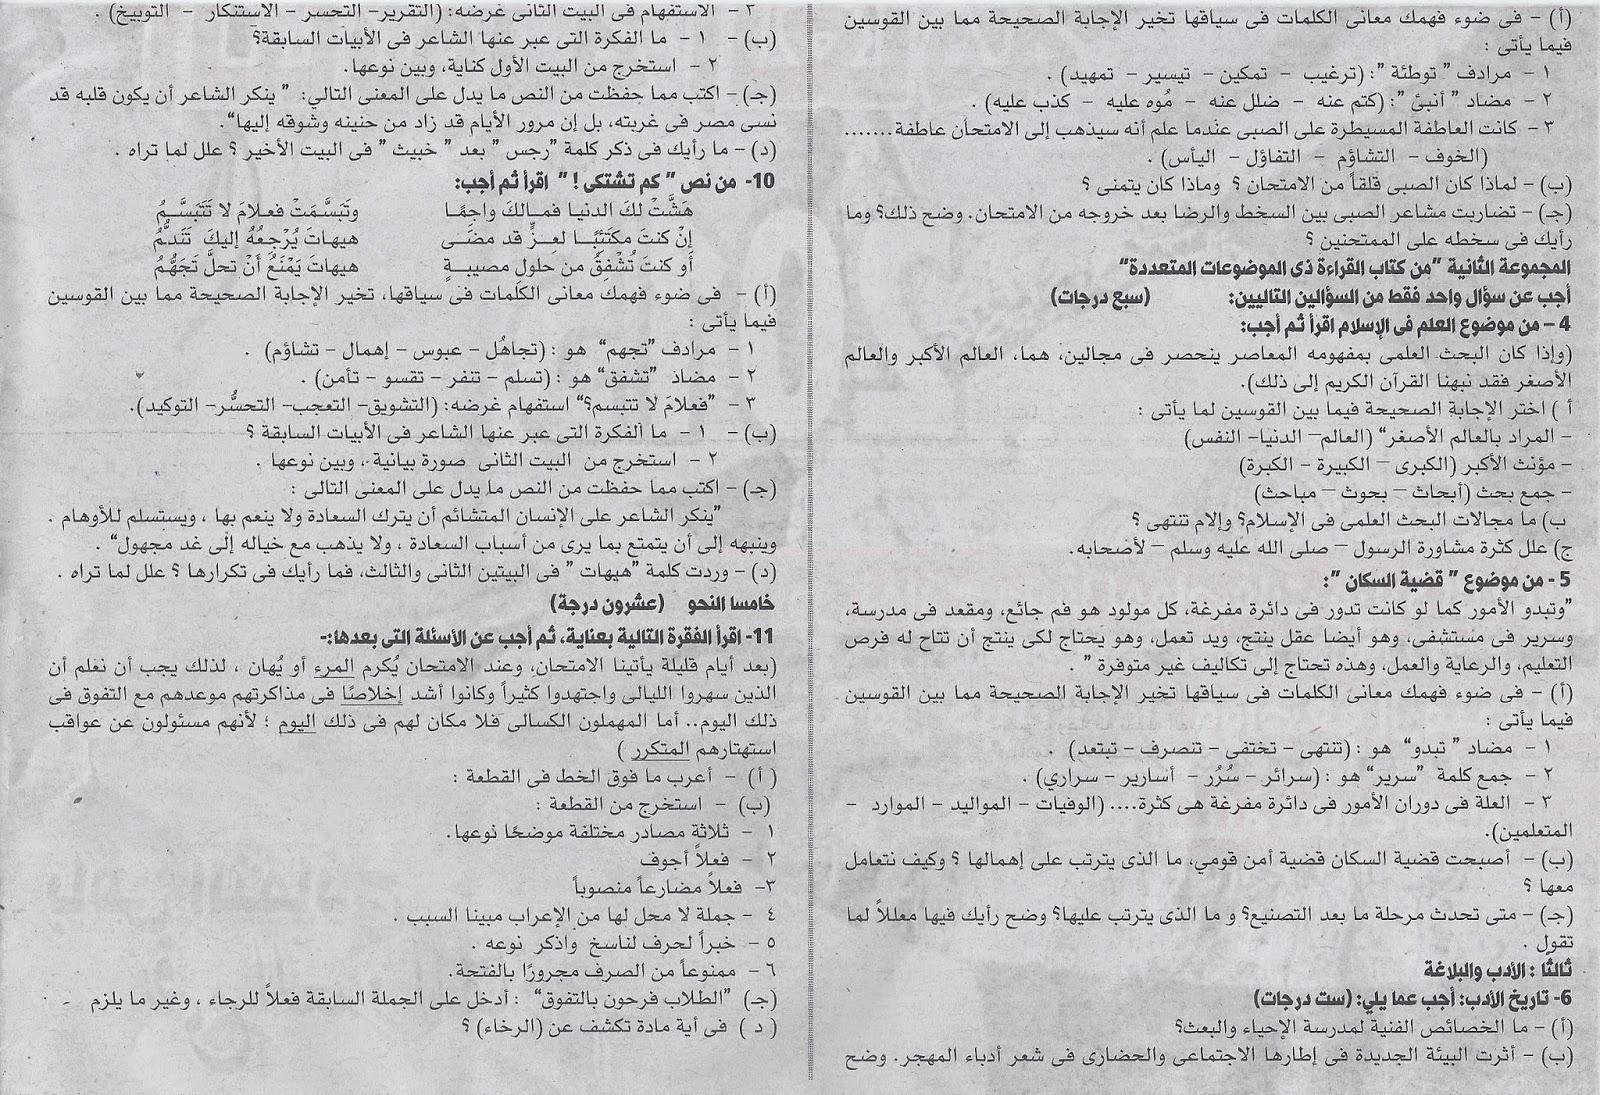 [لغة عربية] ملحق فيتو التعليمي س و ج لغة عربية ثالثة ثانوي 2015 Scan0088